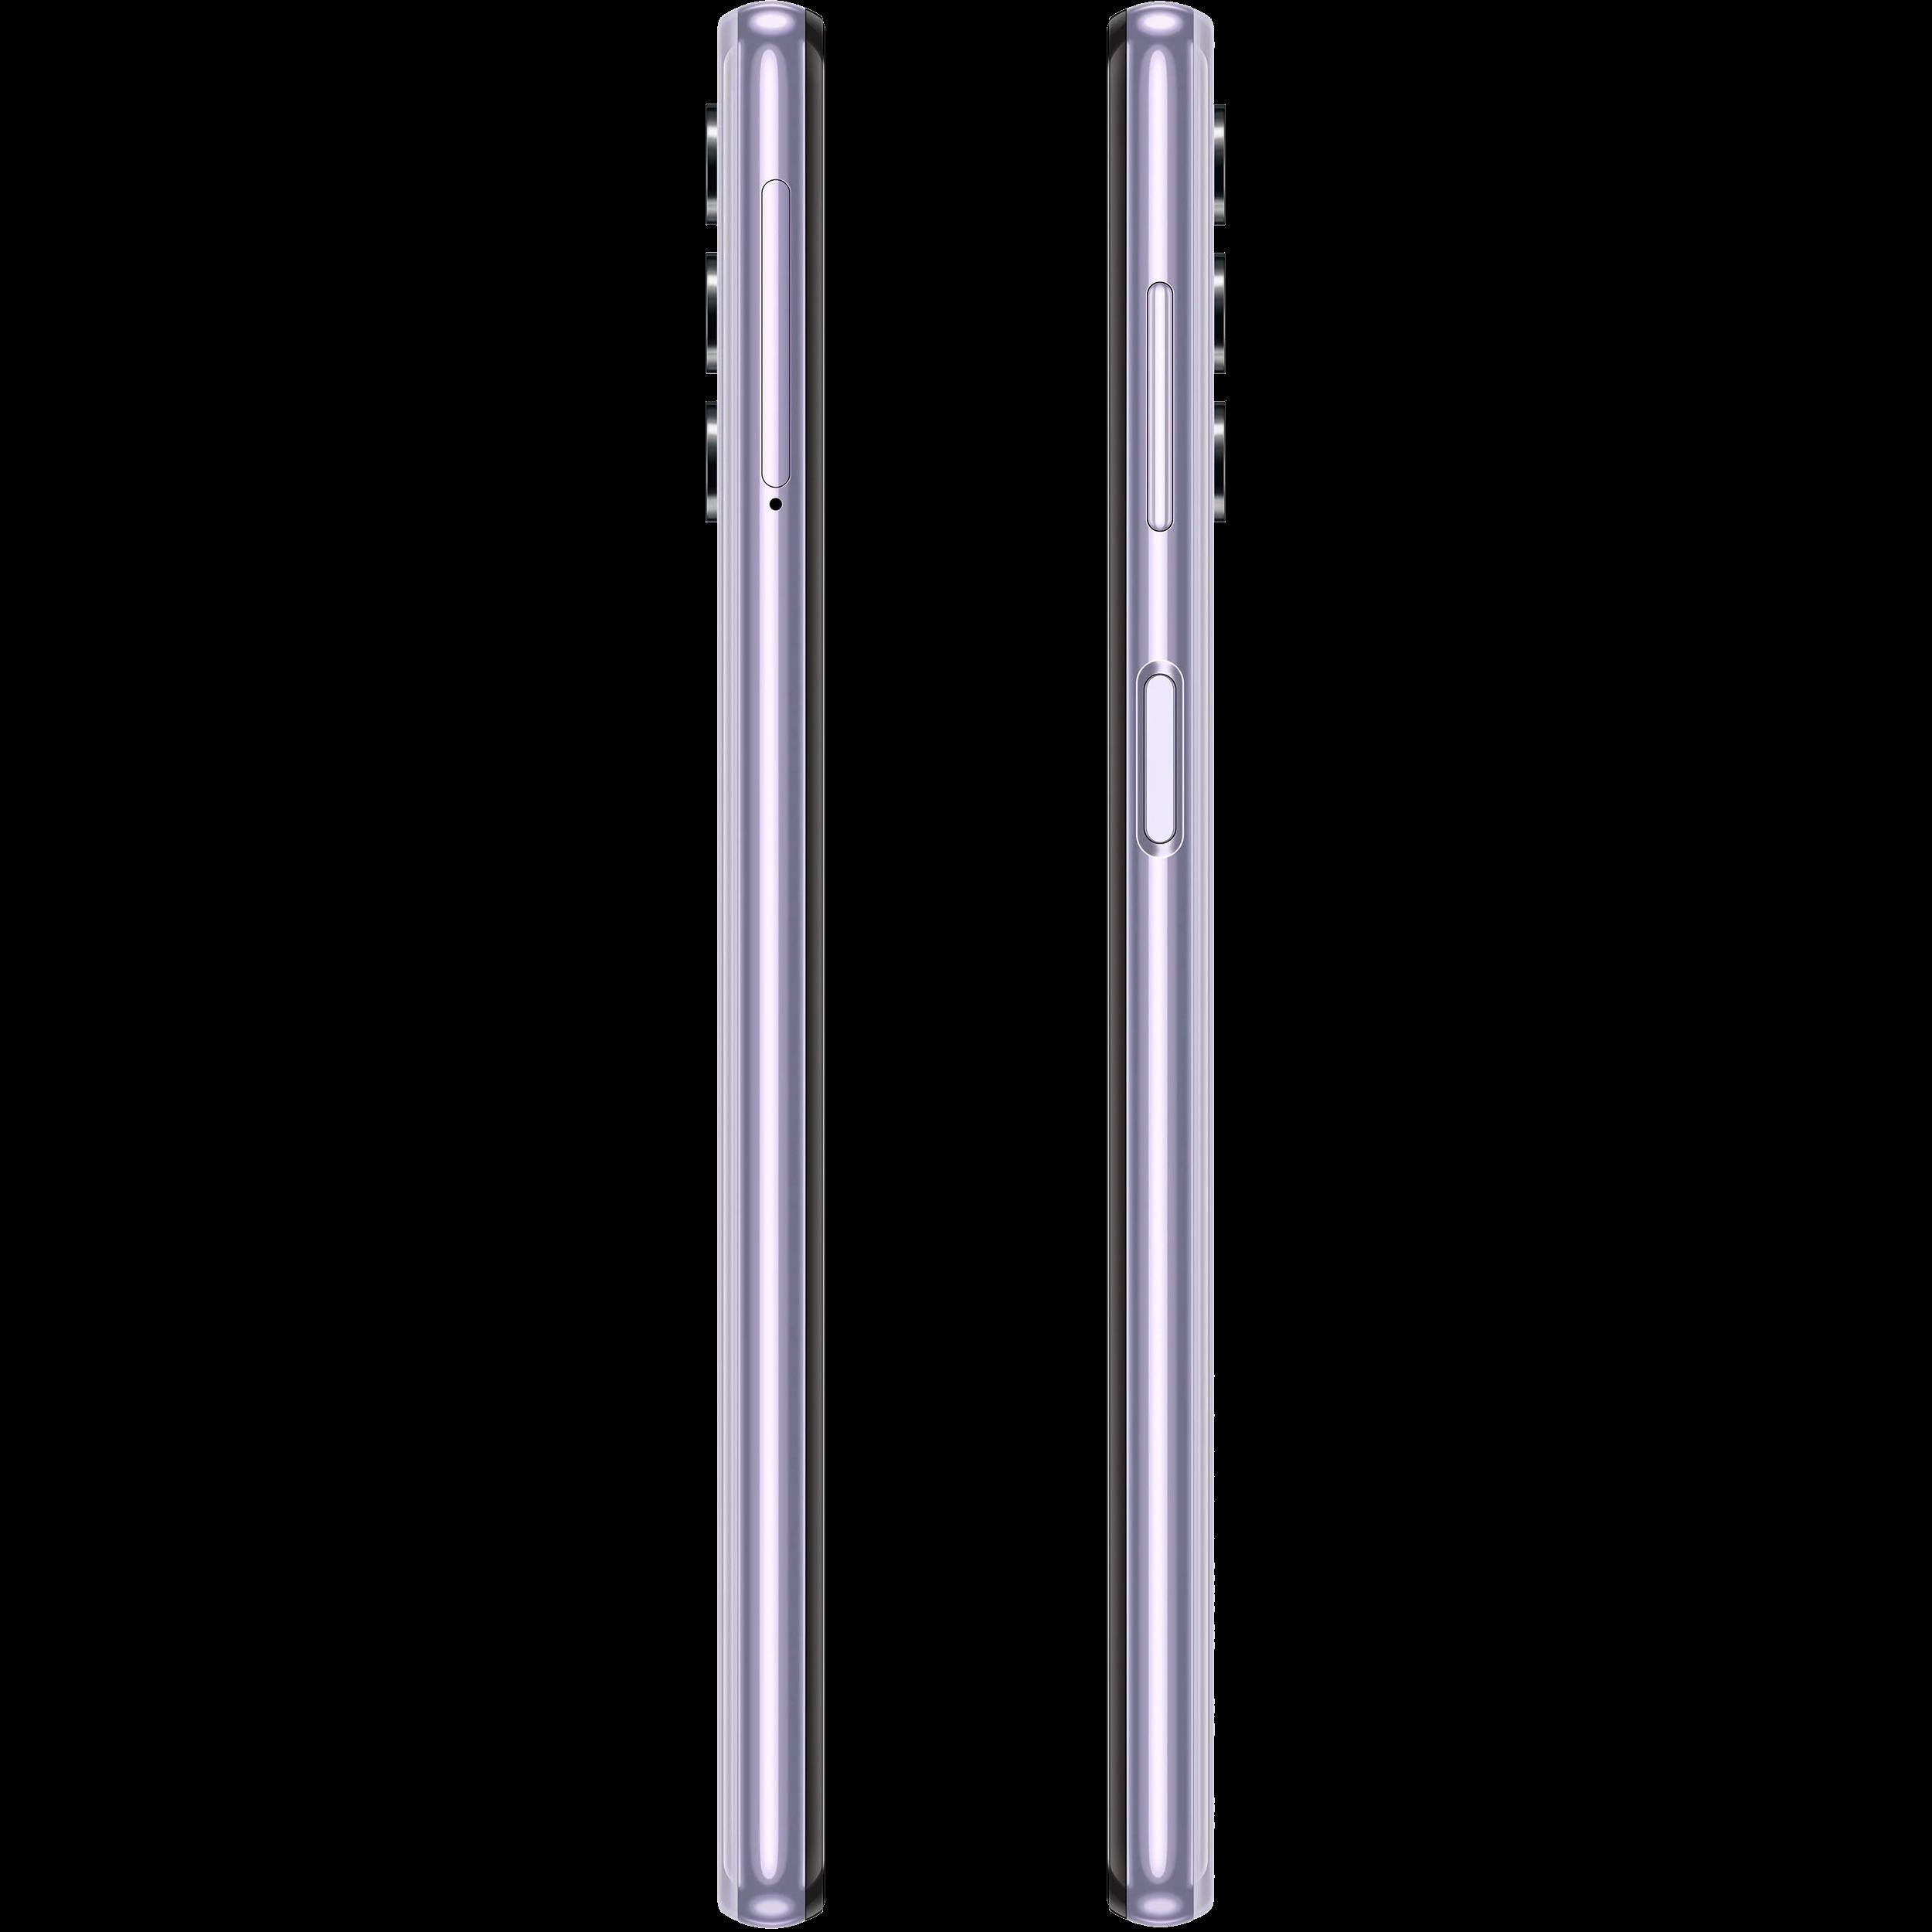 Samsung Galaxy A32 DS (SM-A325) 64GB 352407511781230 - 8